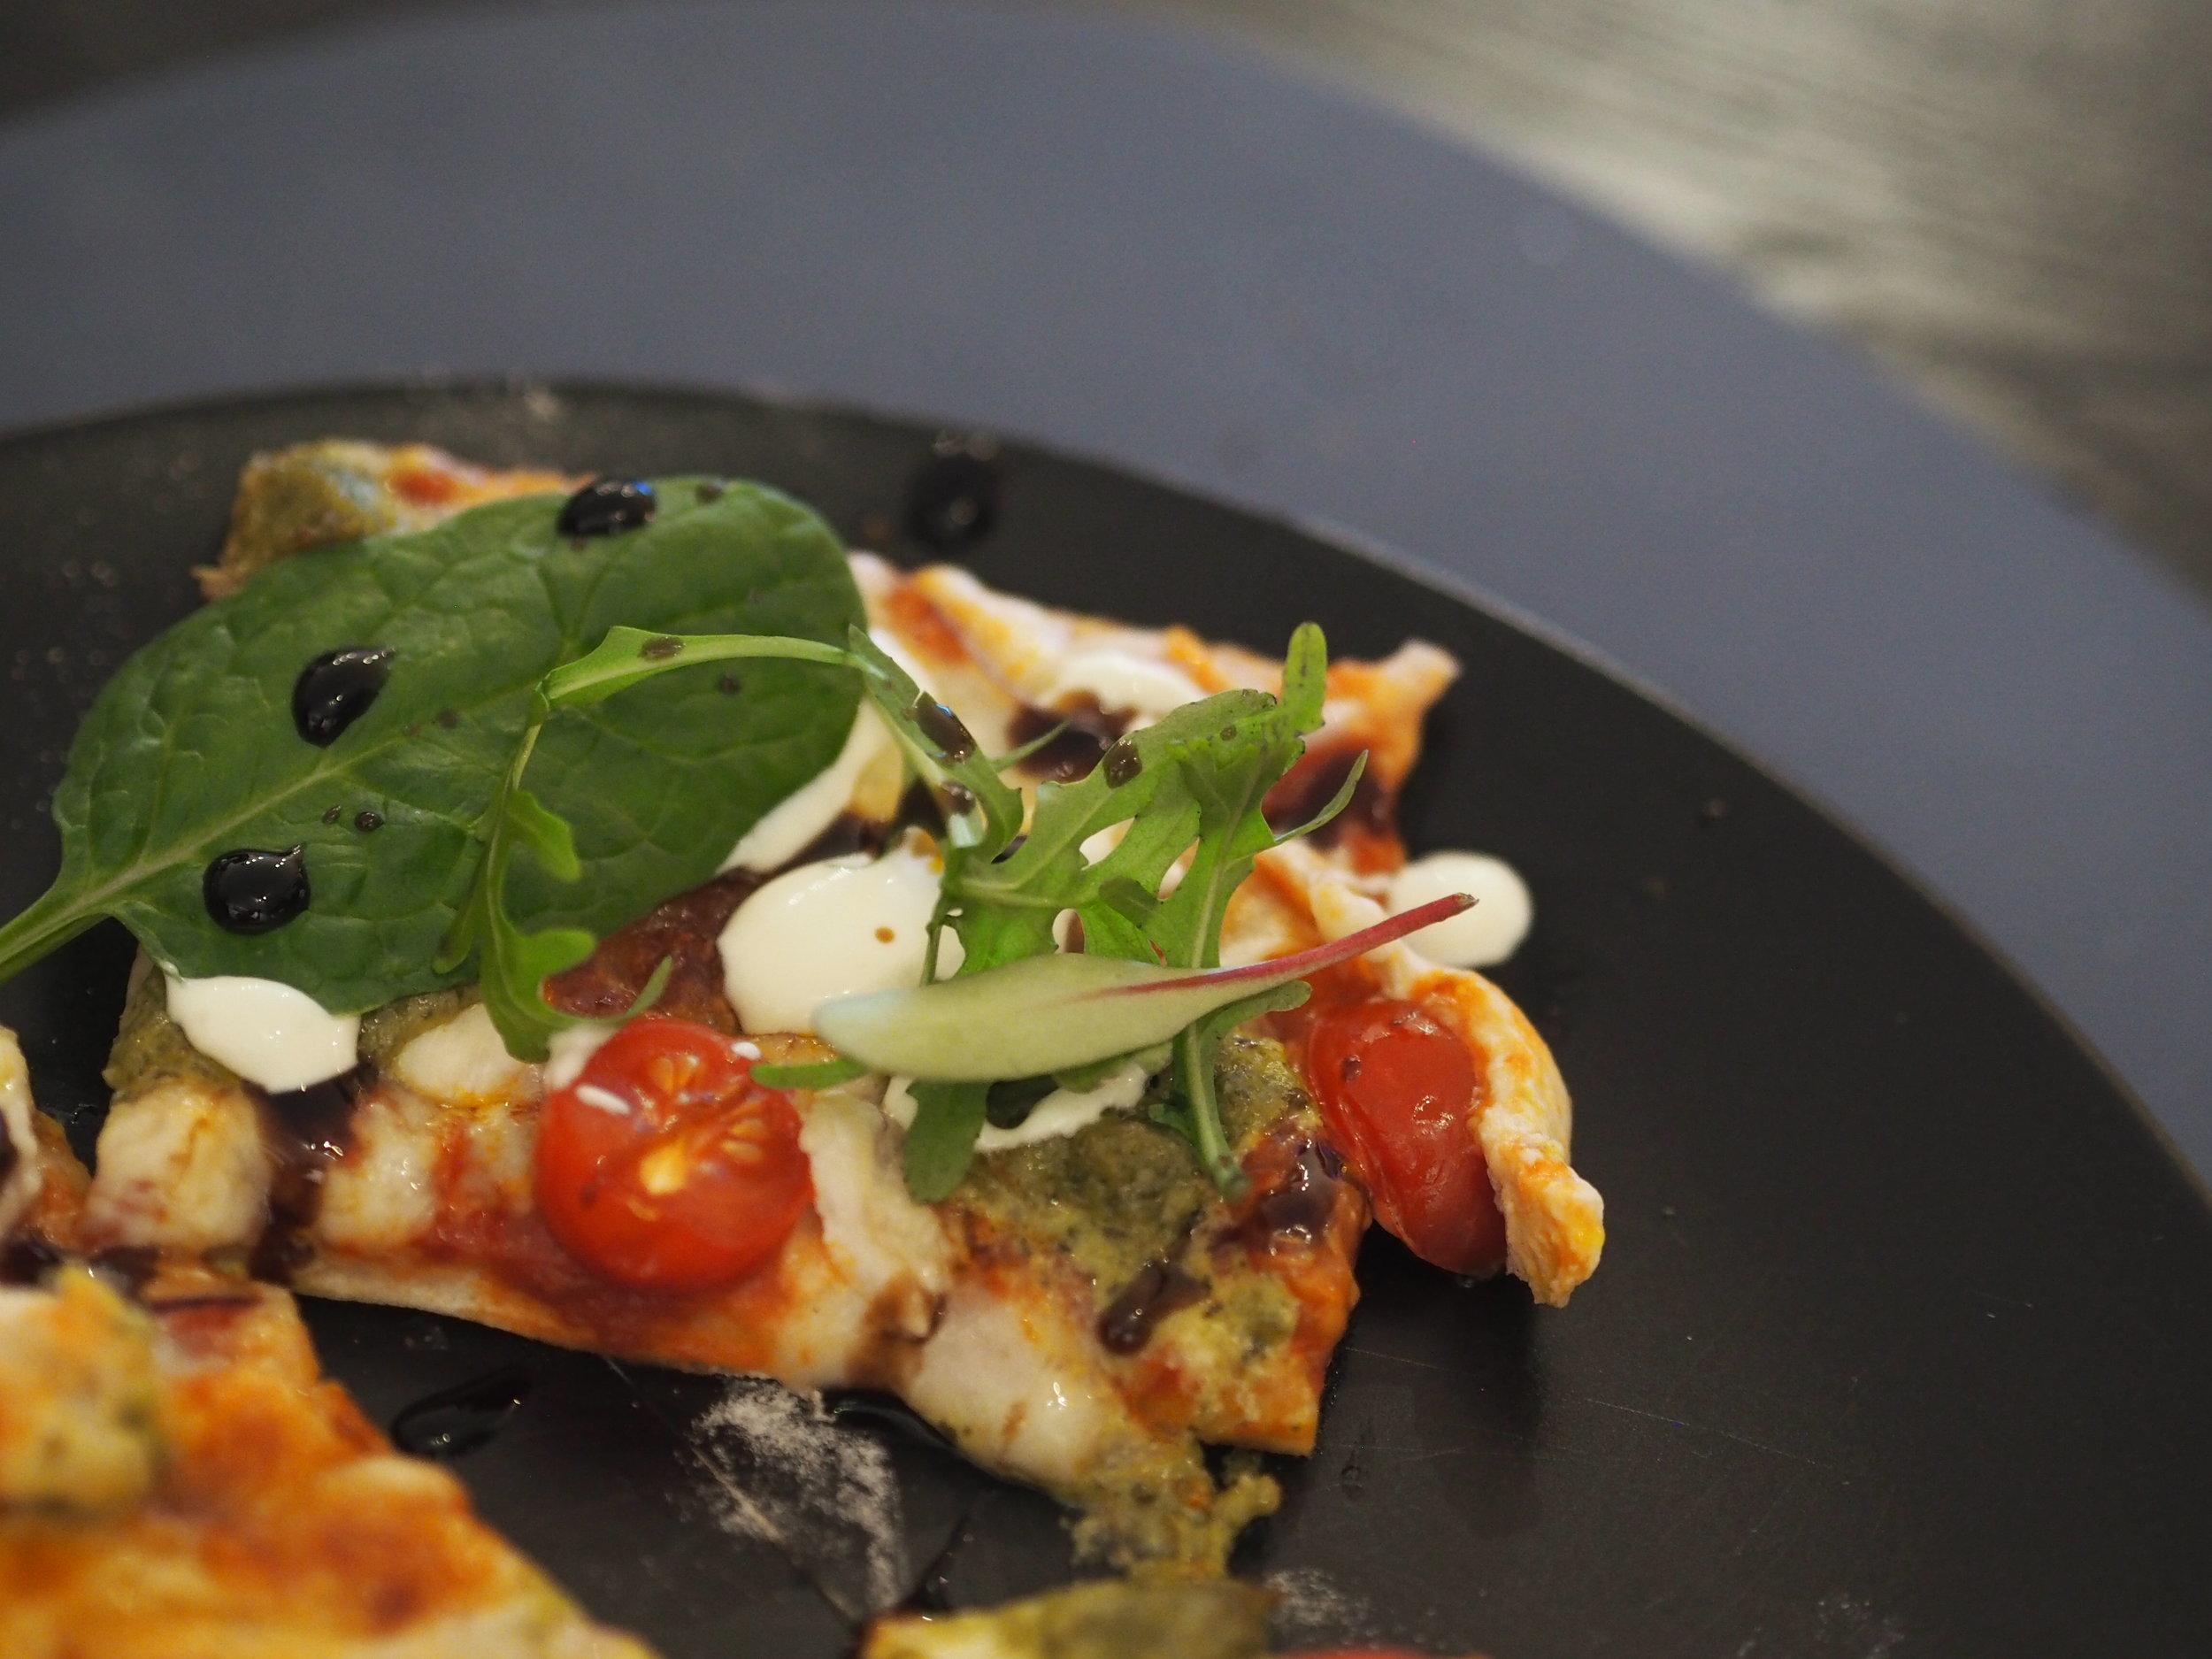 Oppskrift på god lettvindt pizza med sprø bunn og god topping